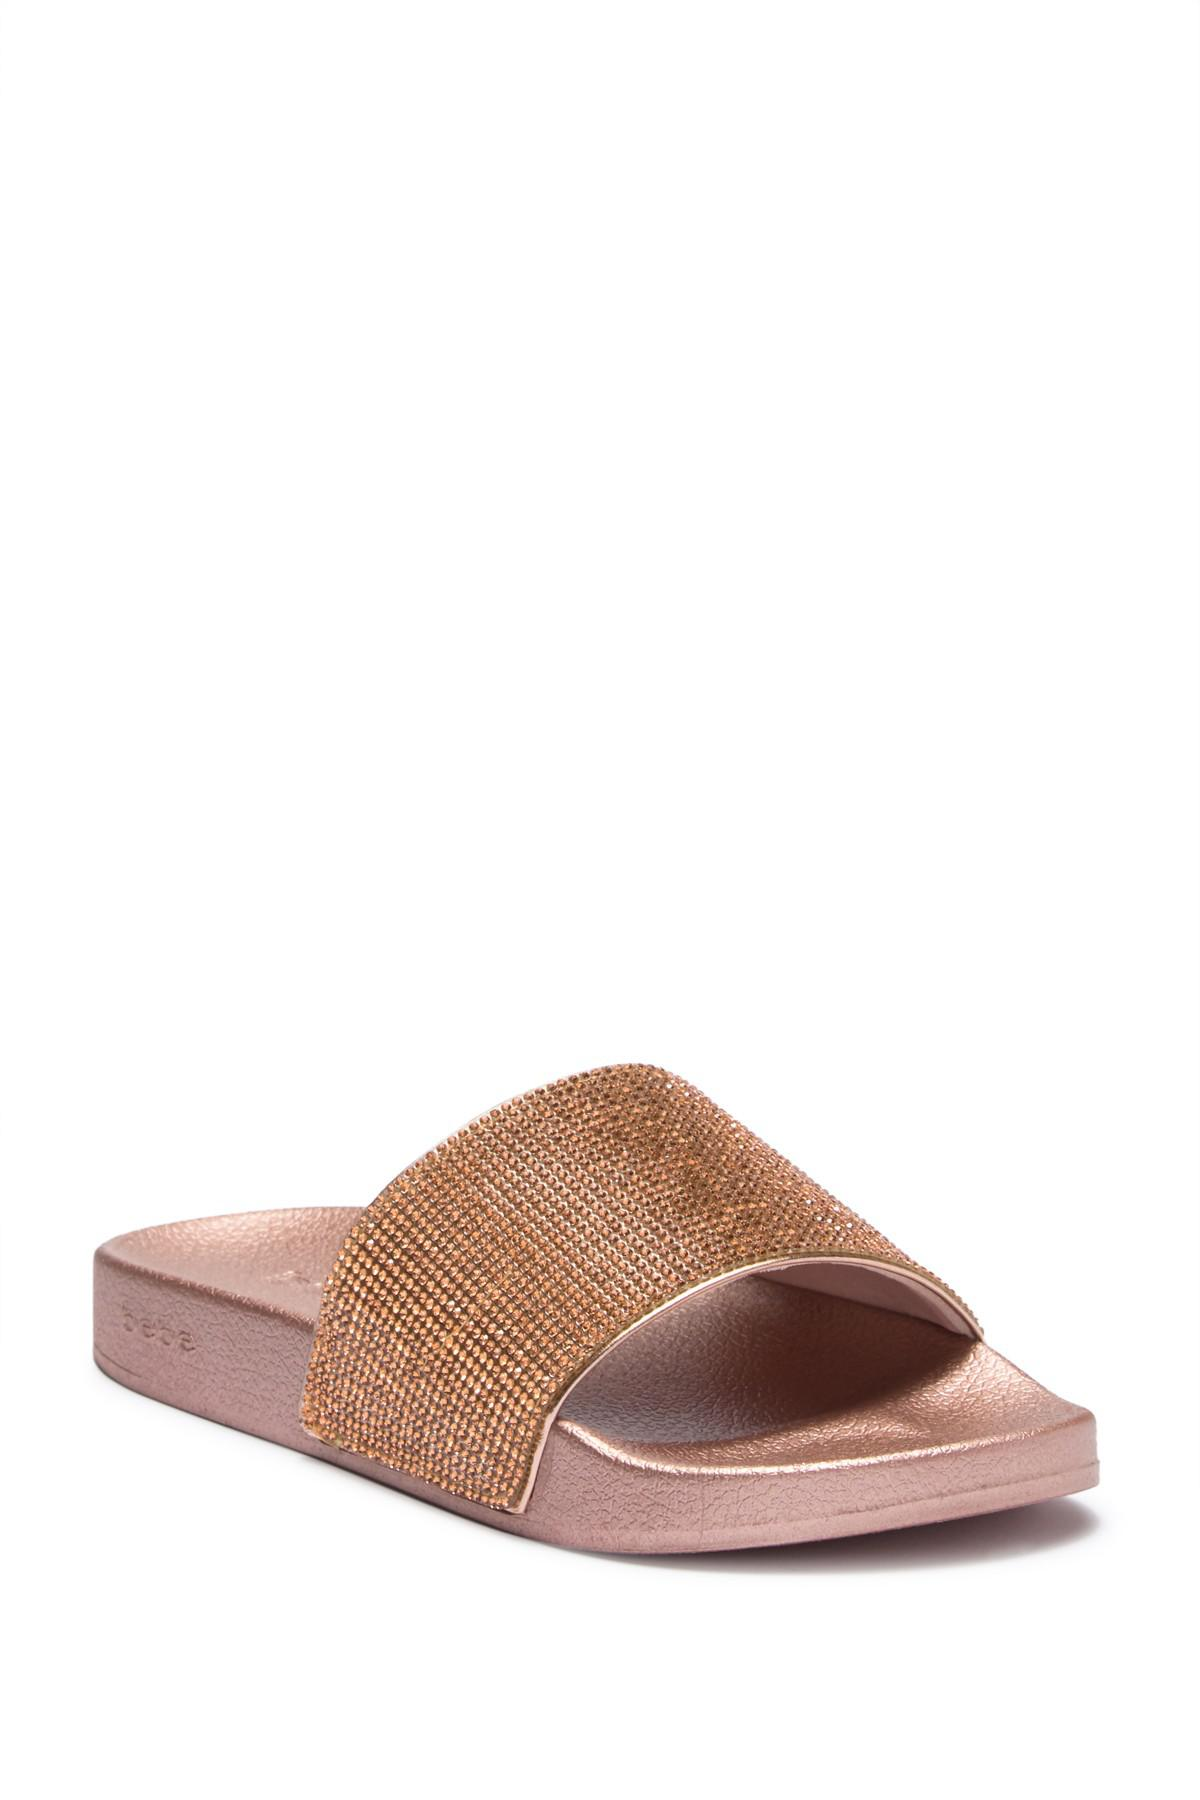 bebe Fonda Slide Sandal d8YCQ